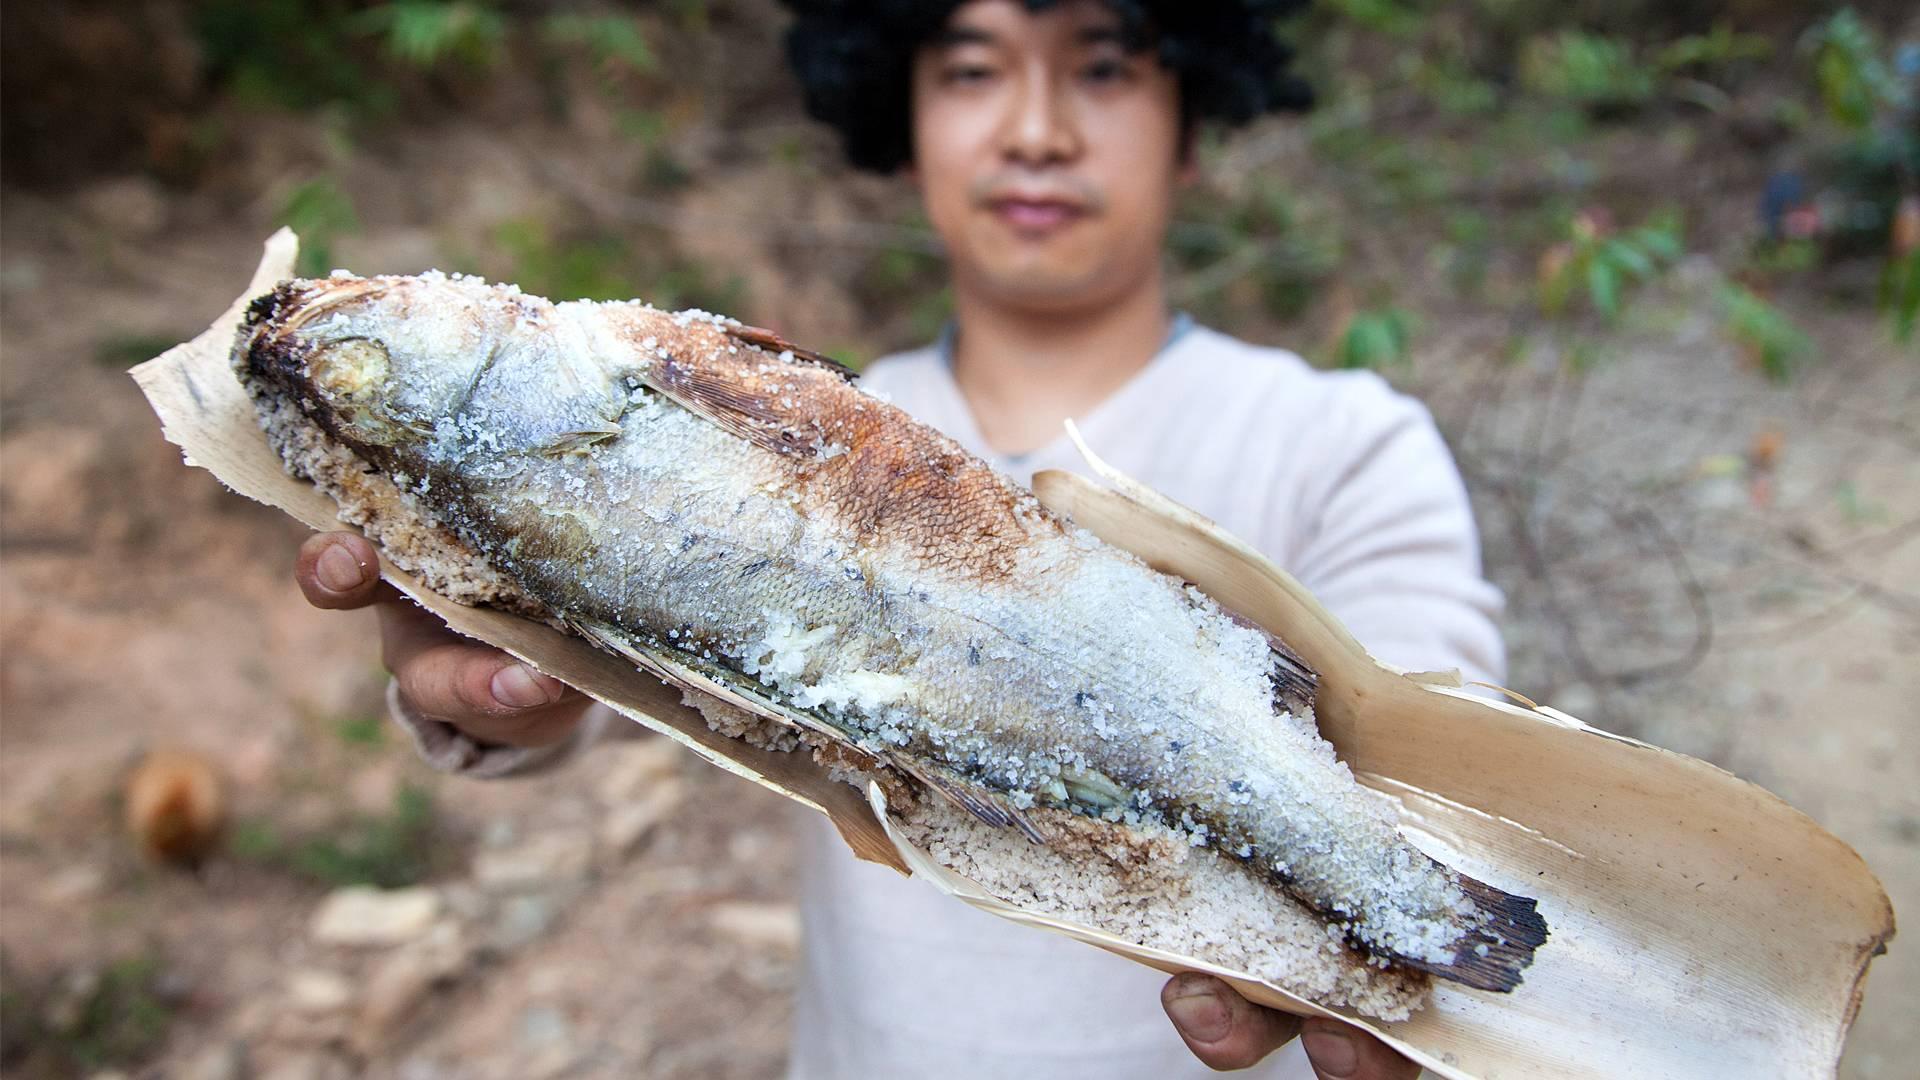 小伙做1斤的鱼,用3斤的盐,整座山都能闻到香味